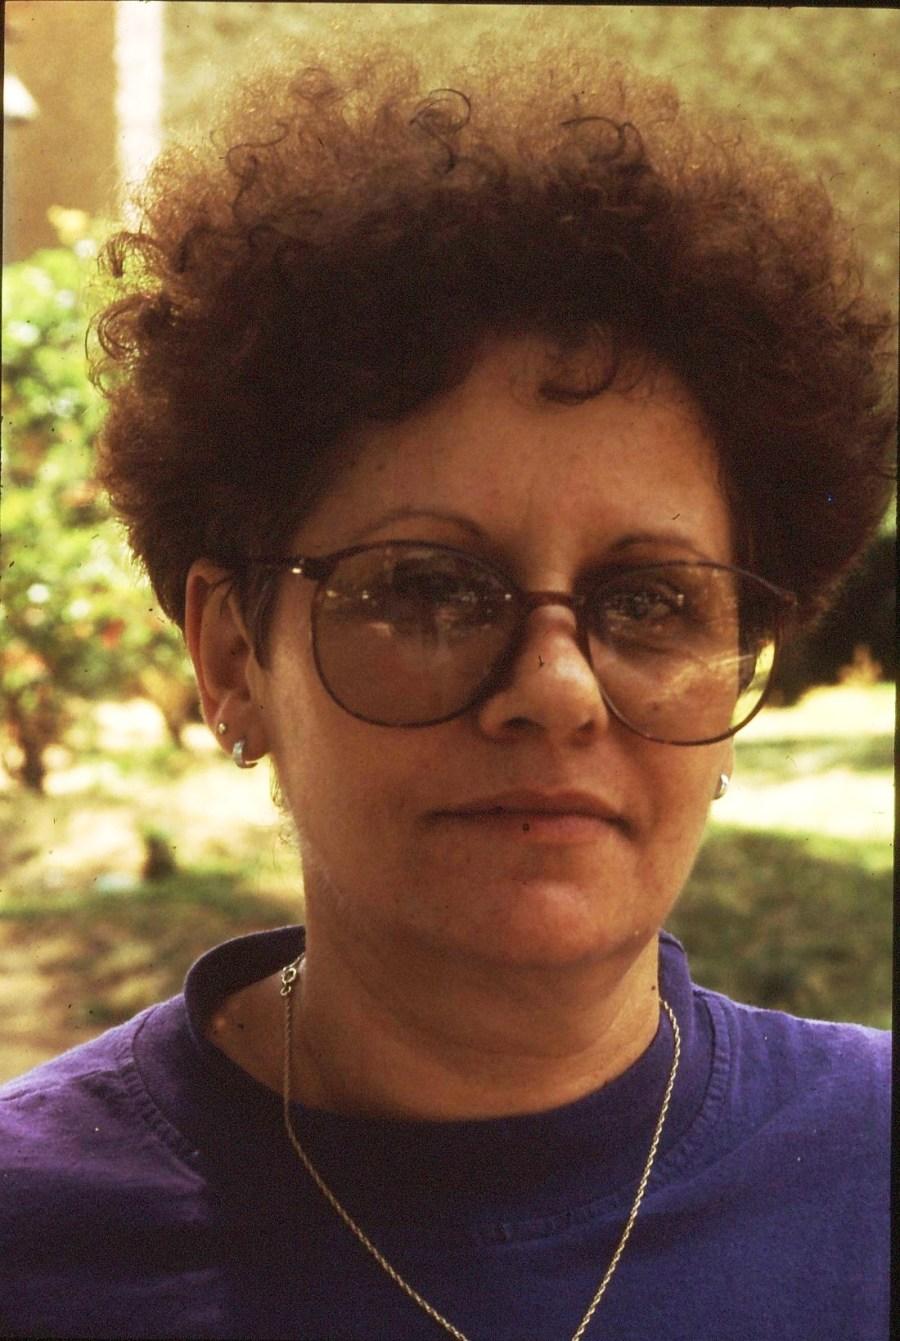 שקופית 19- 174 -ג'ש 1992-3-צוות המוסד החינוכי-ורדה דוד